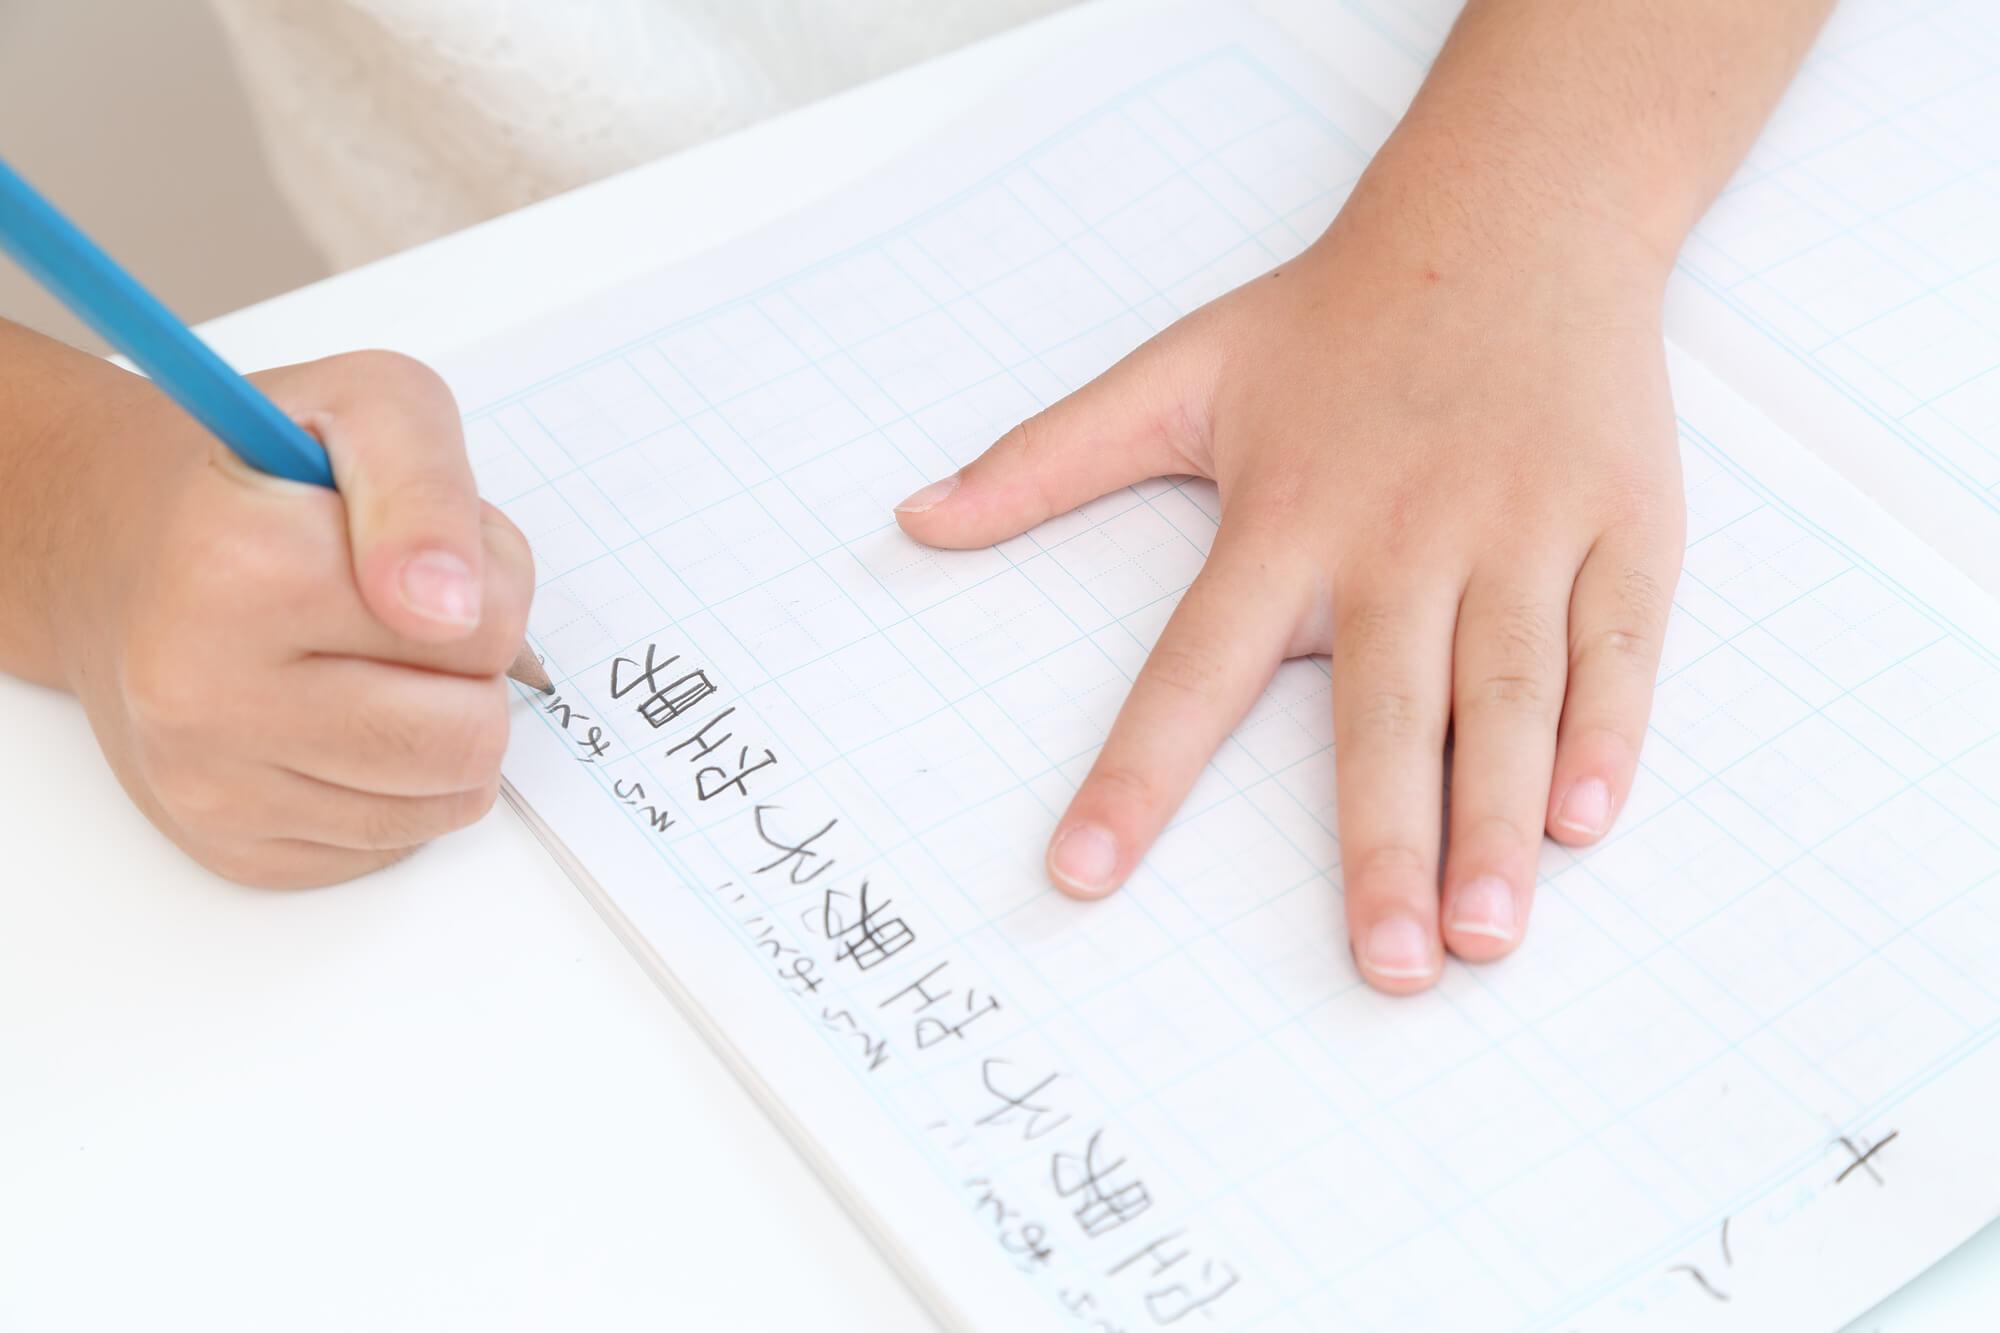 漢字を書く子ども